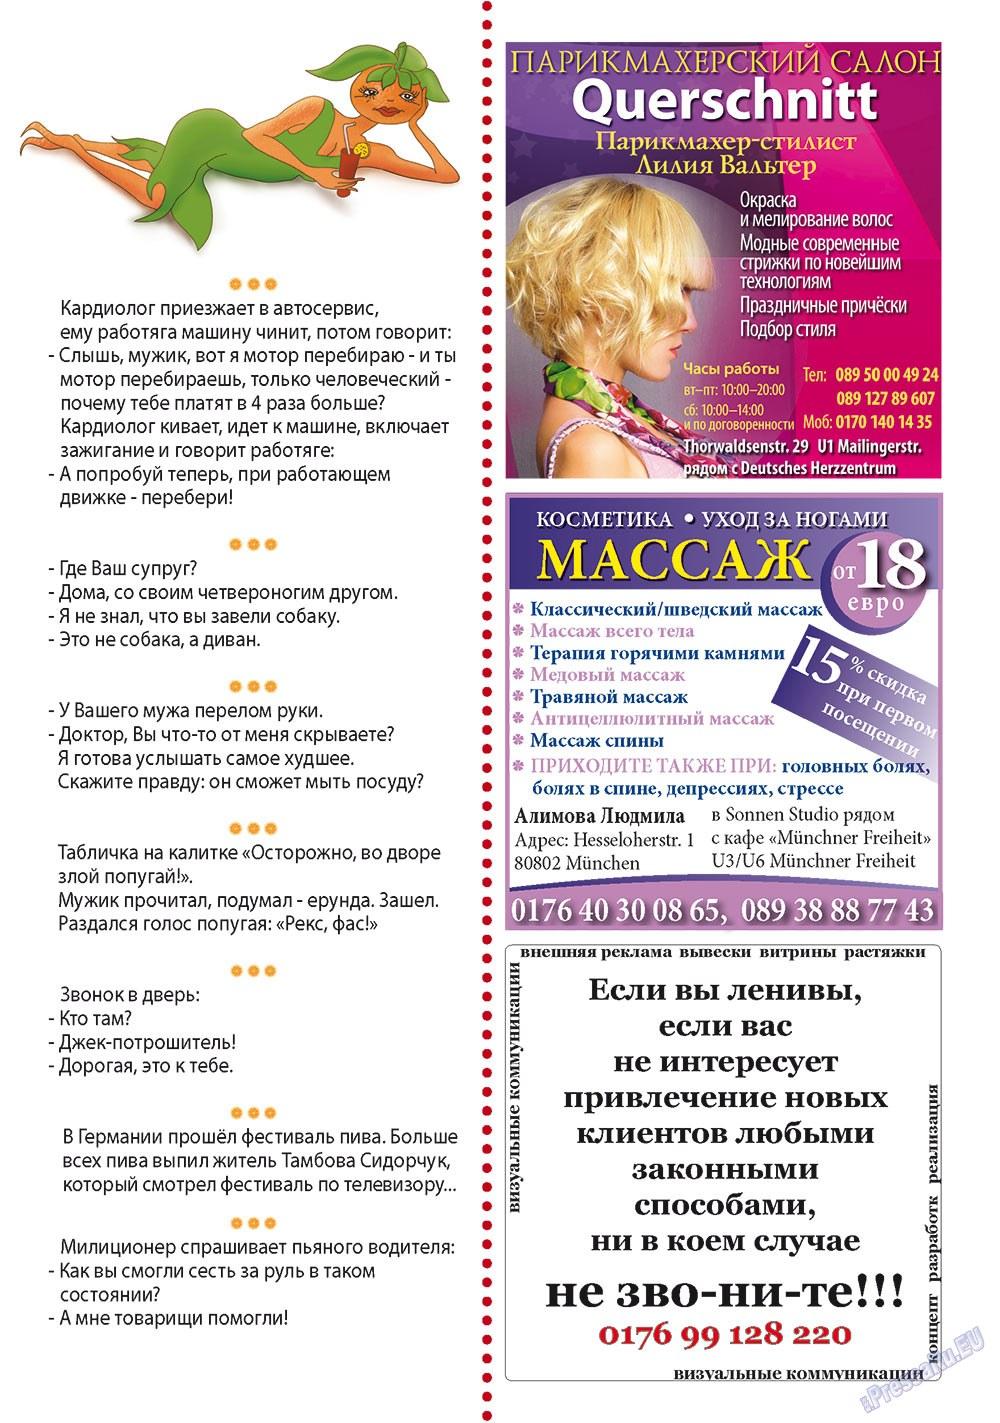 Апельсин (журнал). 2011 год, номер 24, стр. 15